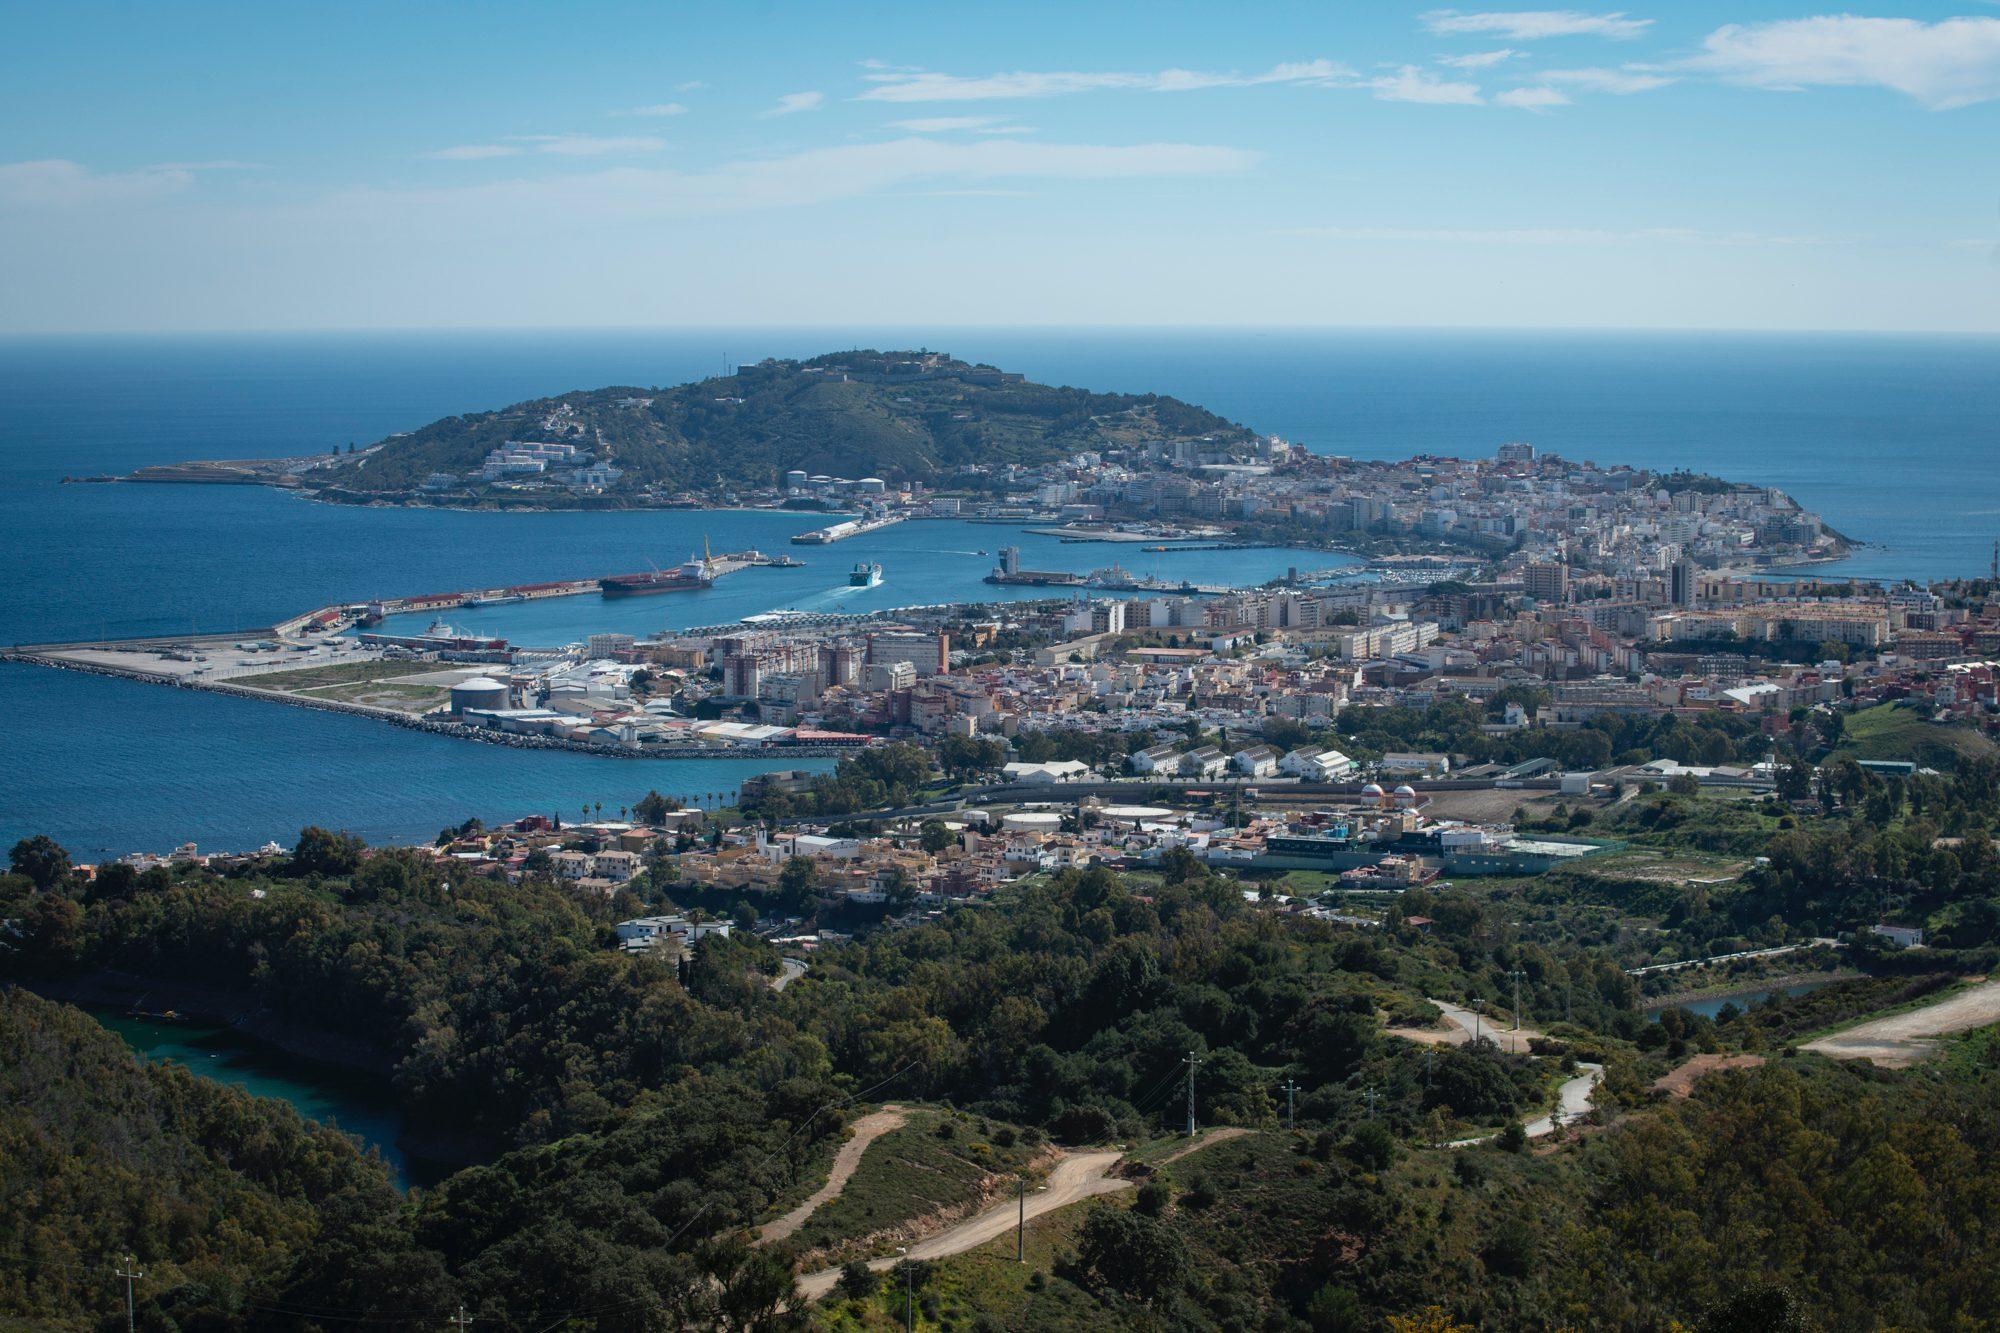 Miradores de Ceuta: vistas de la ciudad autónoma desde el Mirador de Isabel II